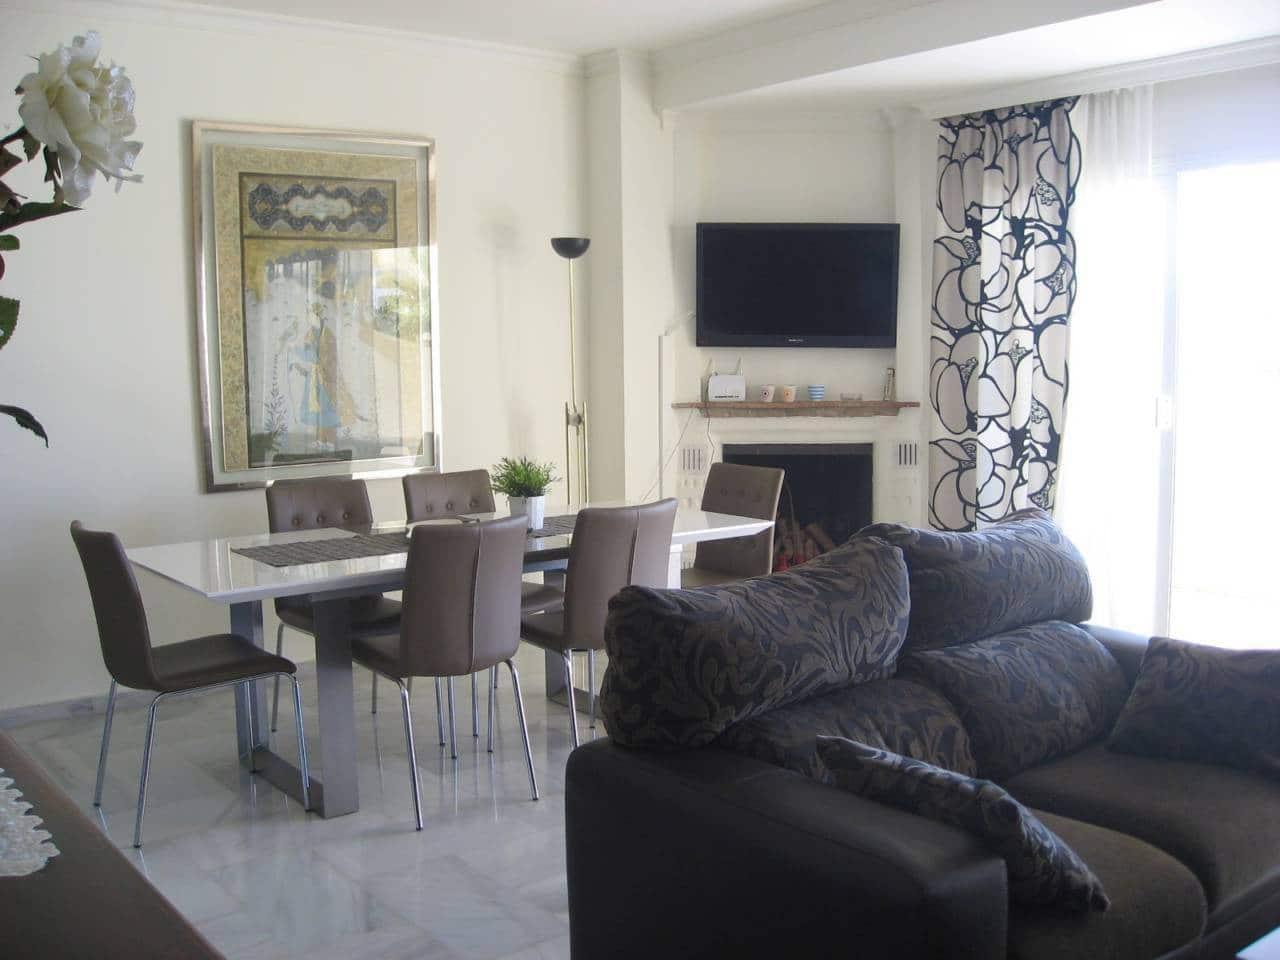 3 bedroom Flat for sale in Benalmadena - € 375,000 (Ref: 4529762)